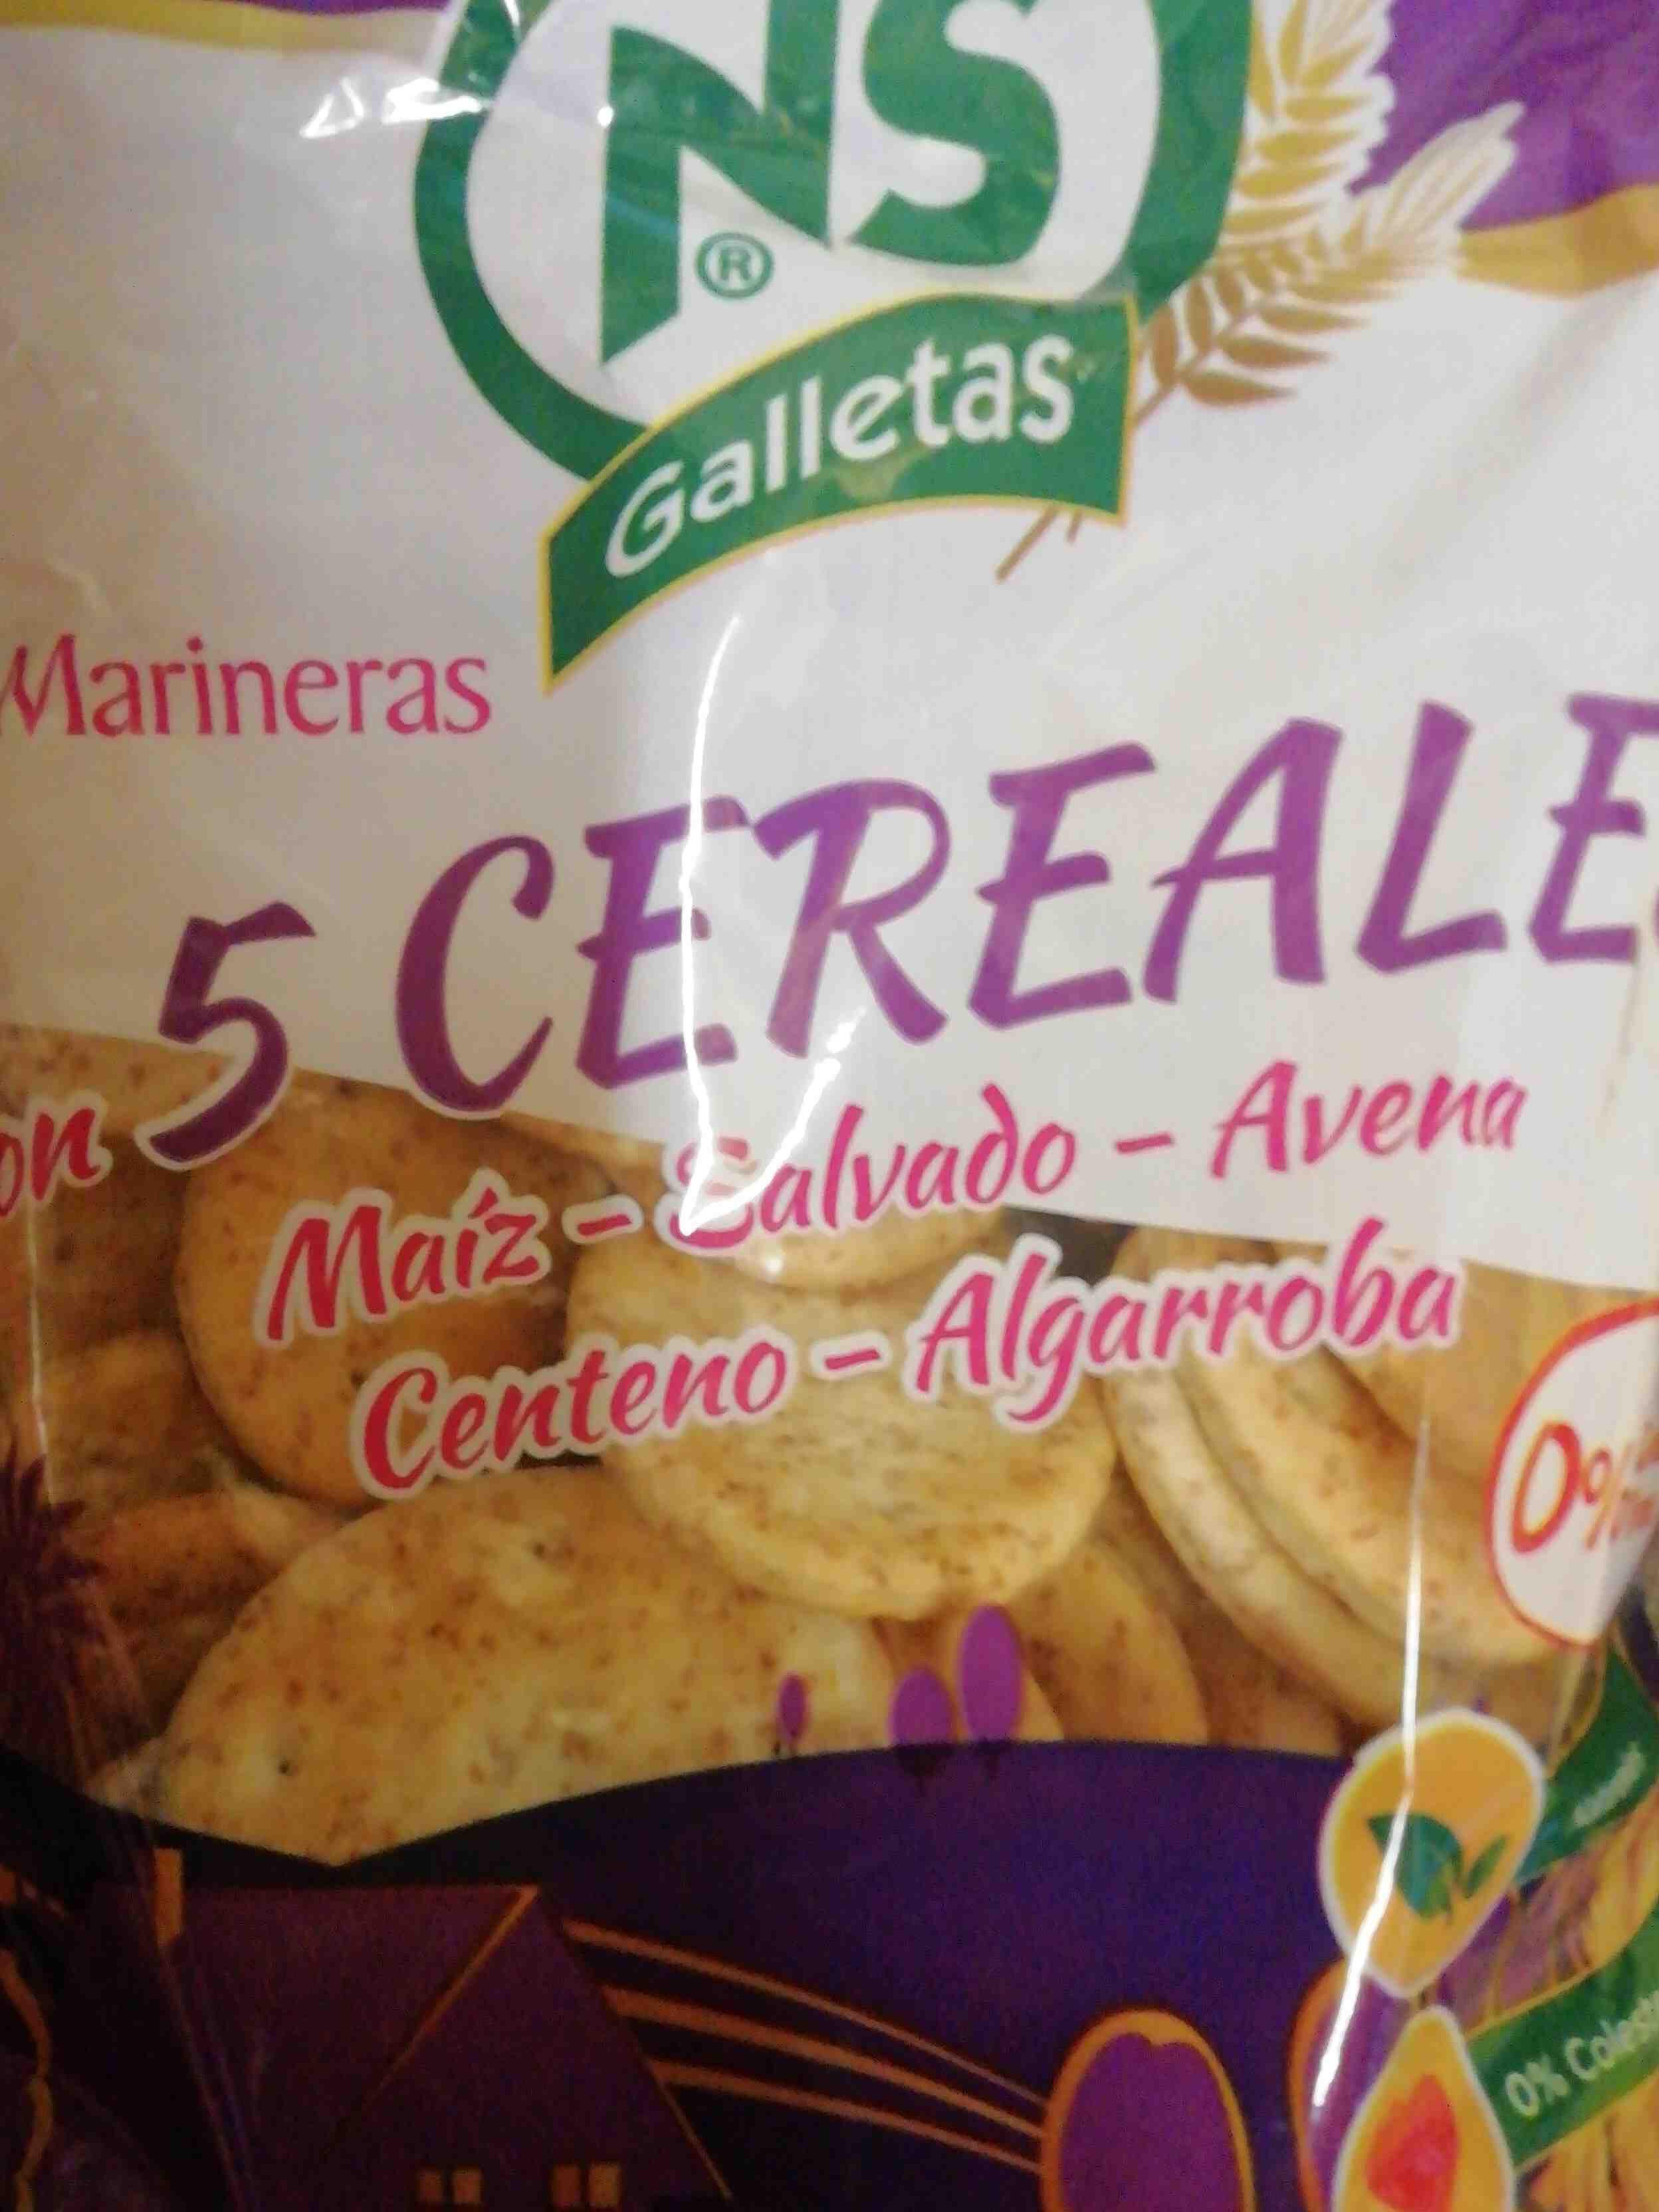 Galletas marineras - Produit - es